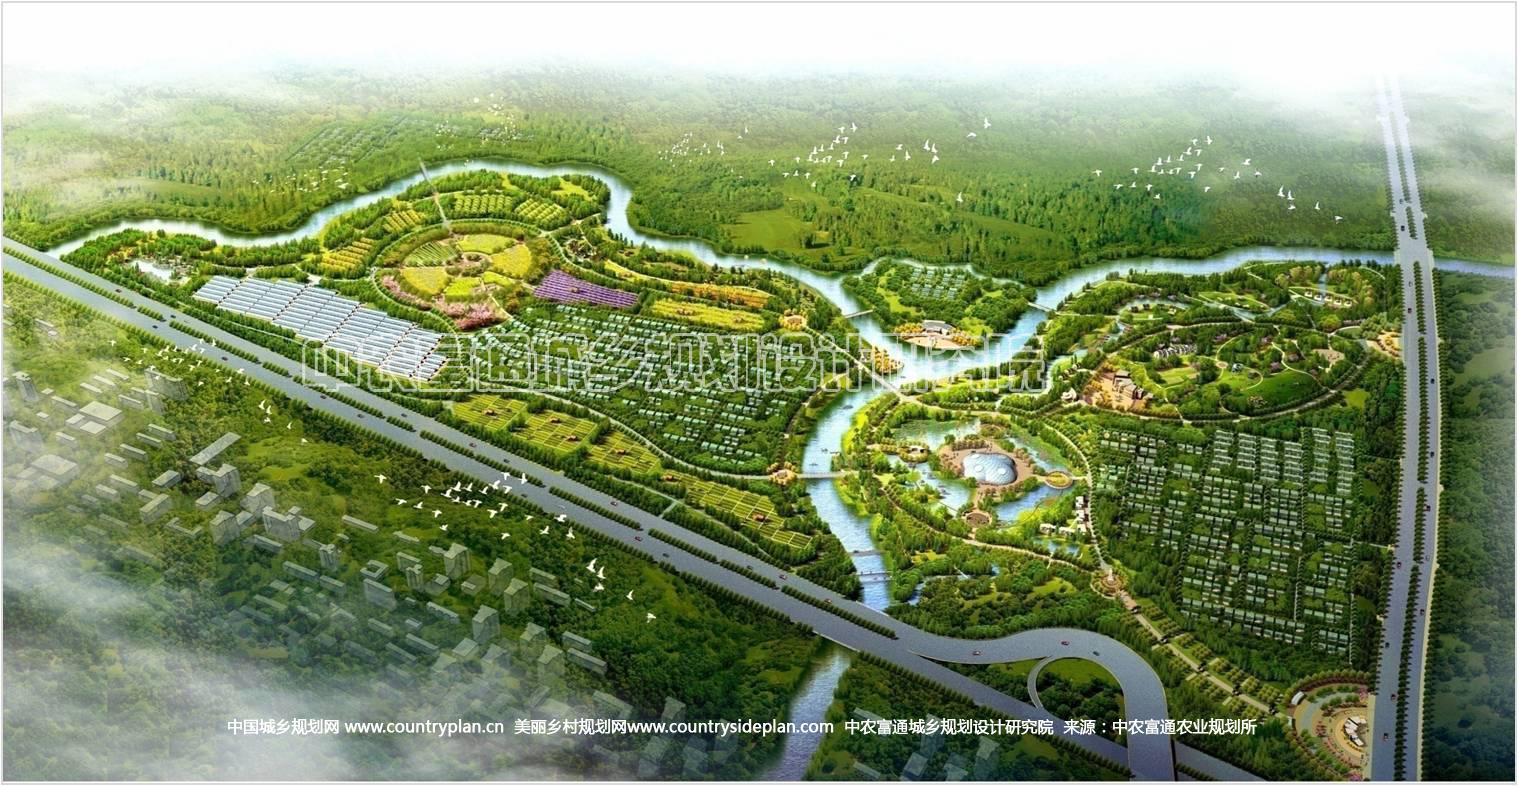 新农村建设规划效果图原始尺寸1024 583